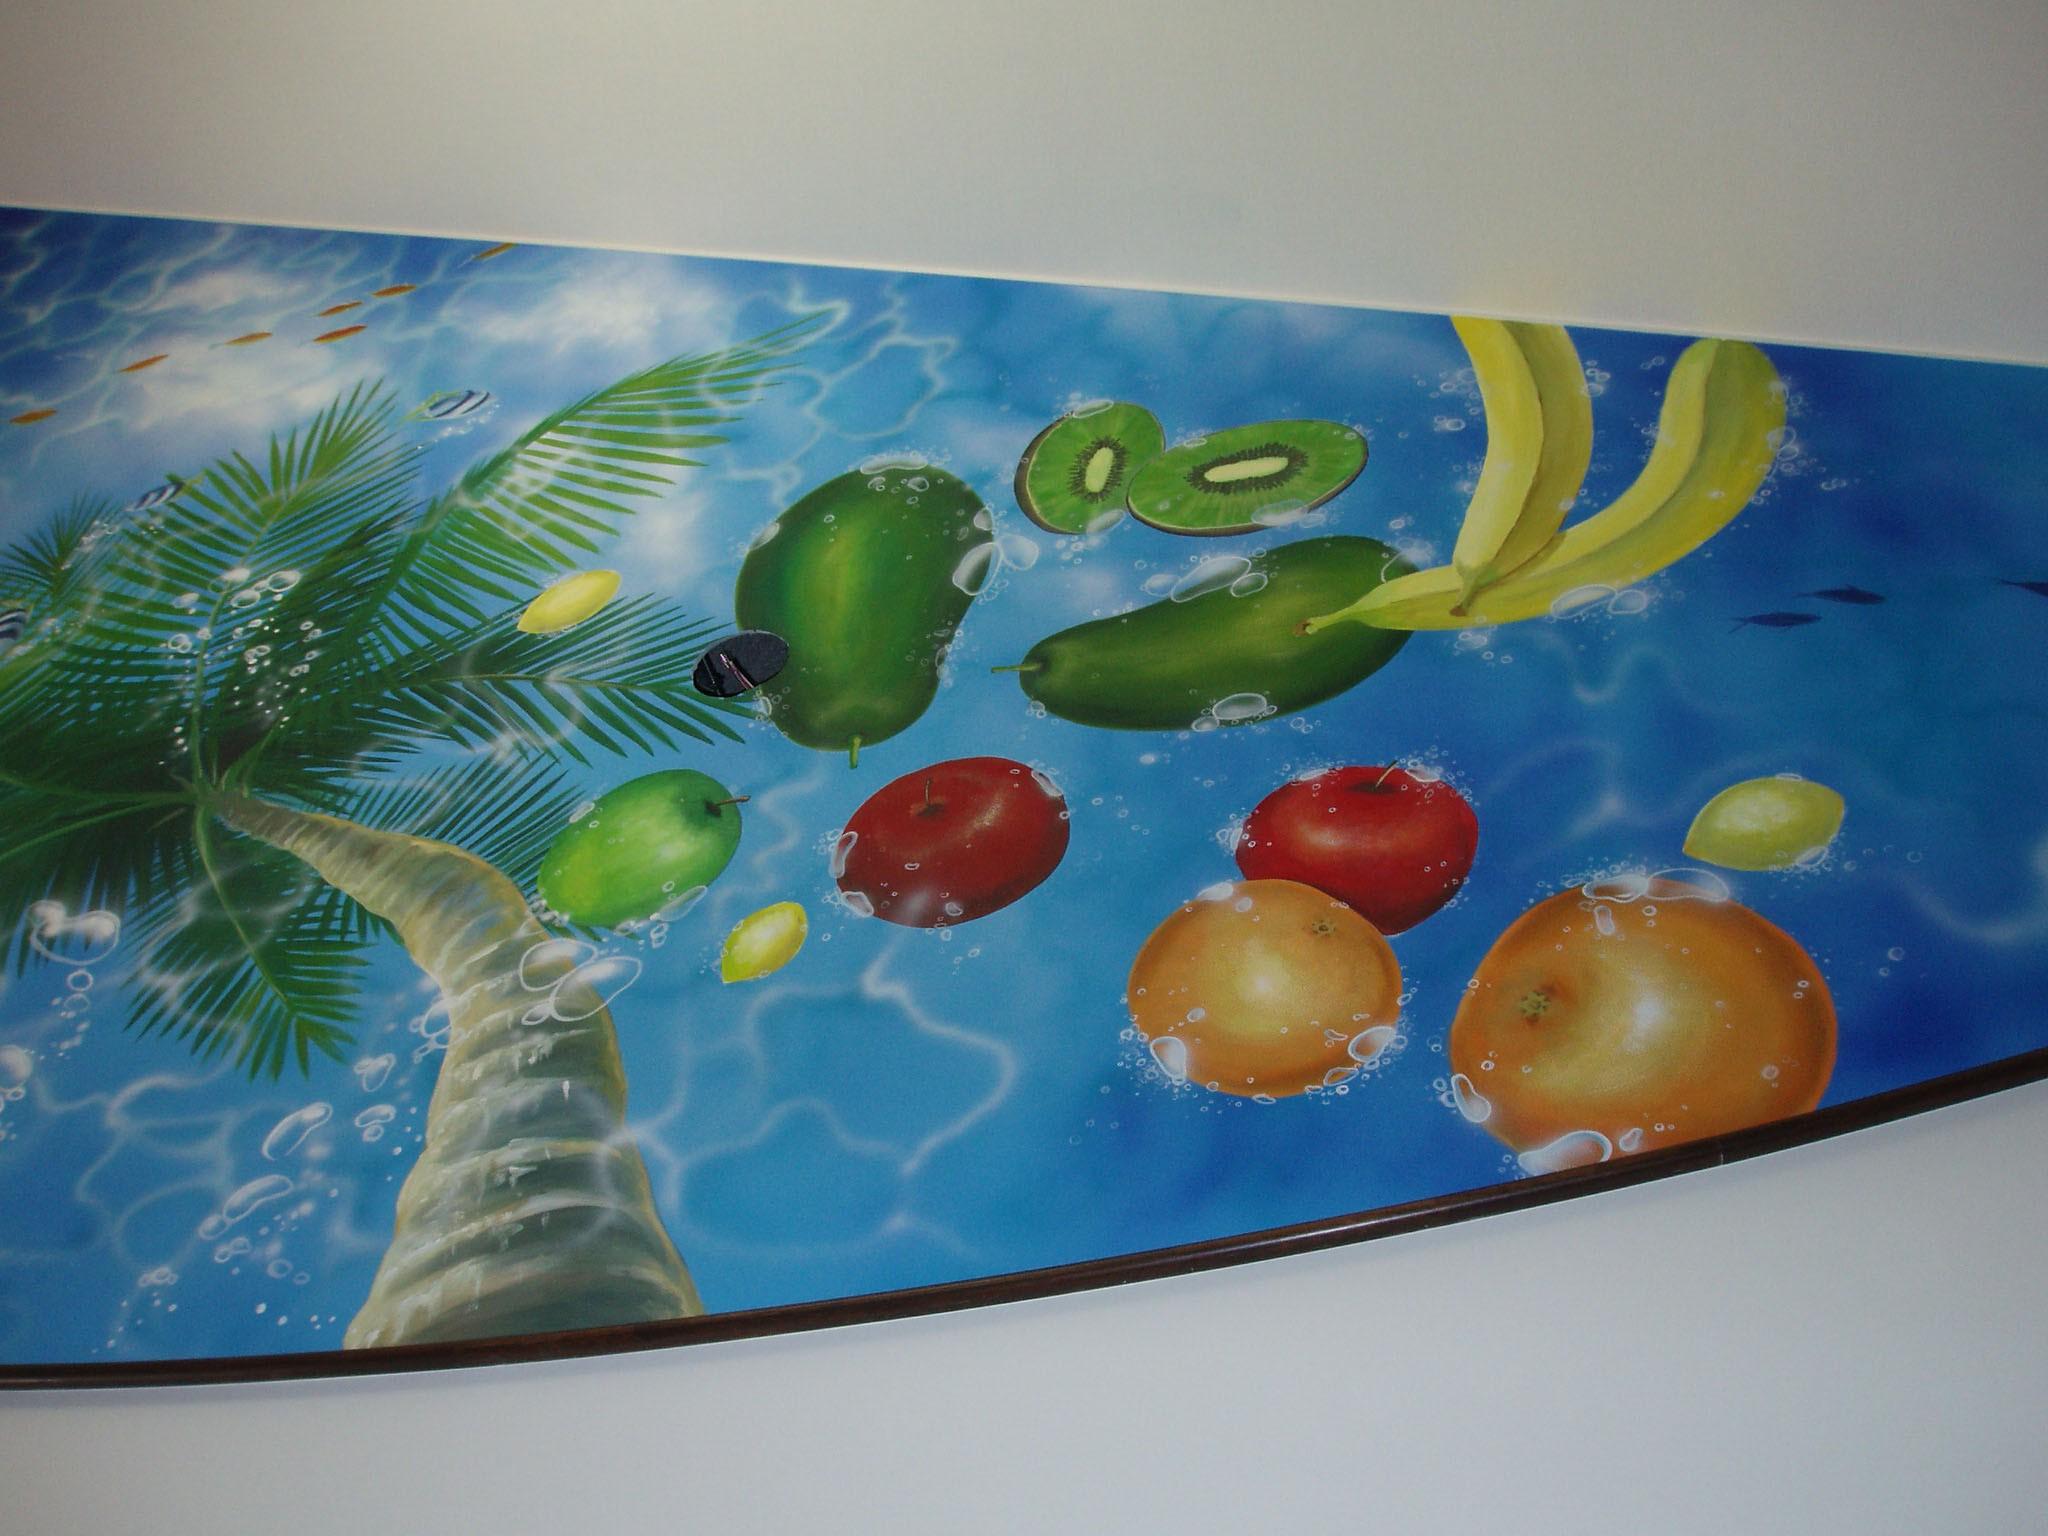 天井画|フルーツ|果実